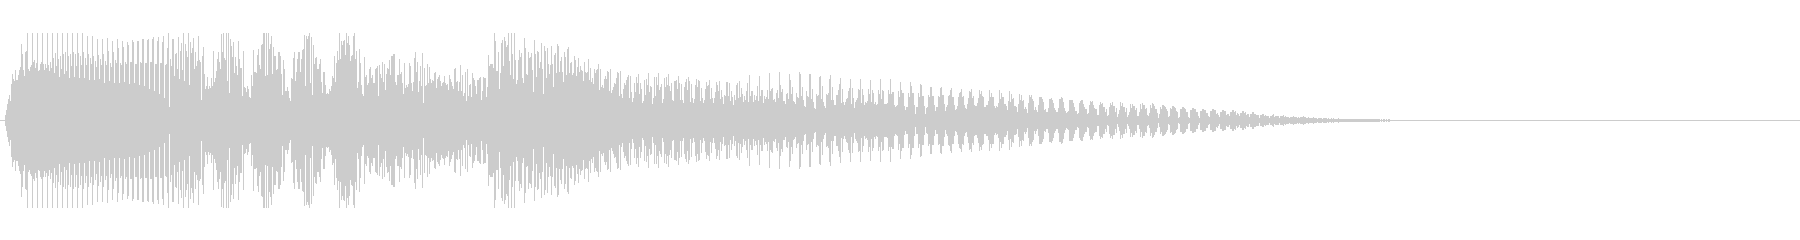 温もりのあるストリングスによる場面転換音の未再生の波形